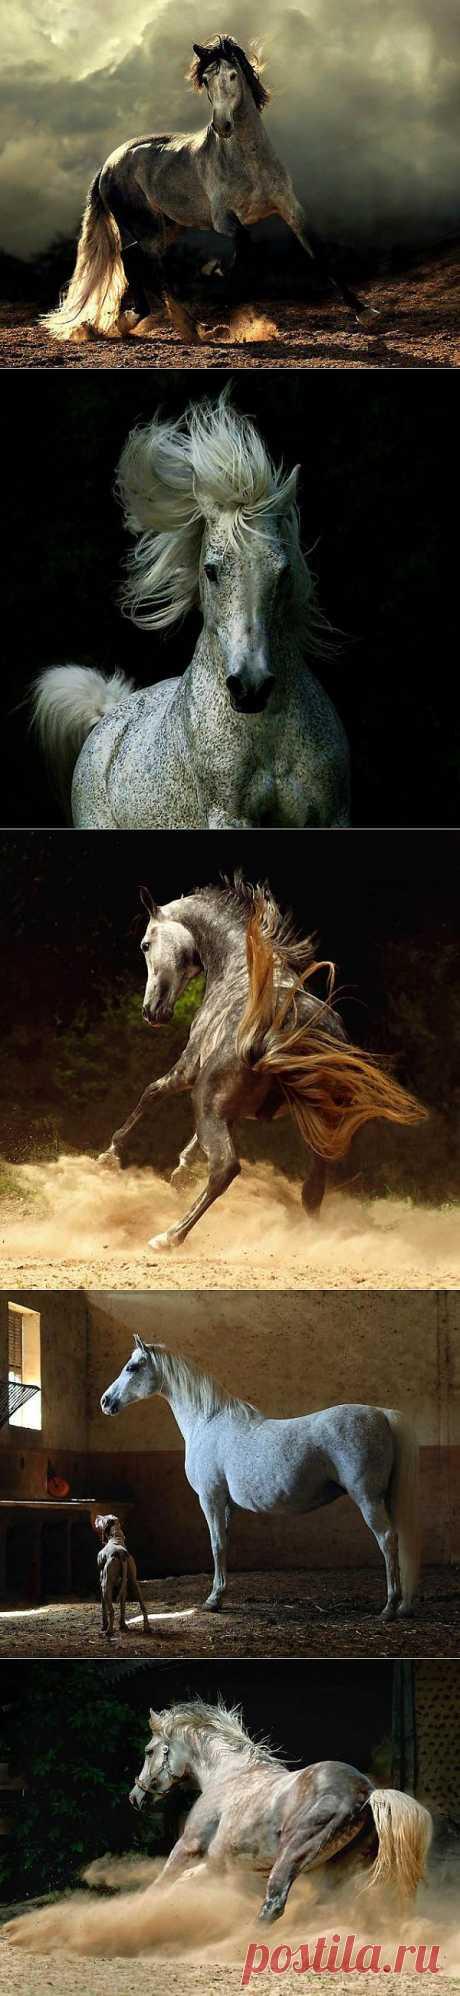 Грация и красота лошади | Зашибись